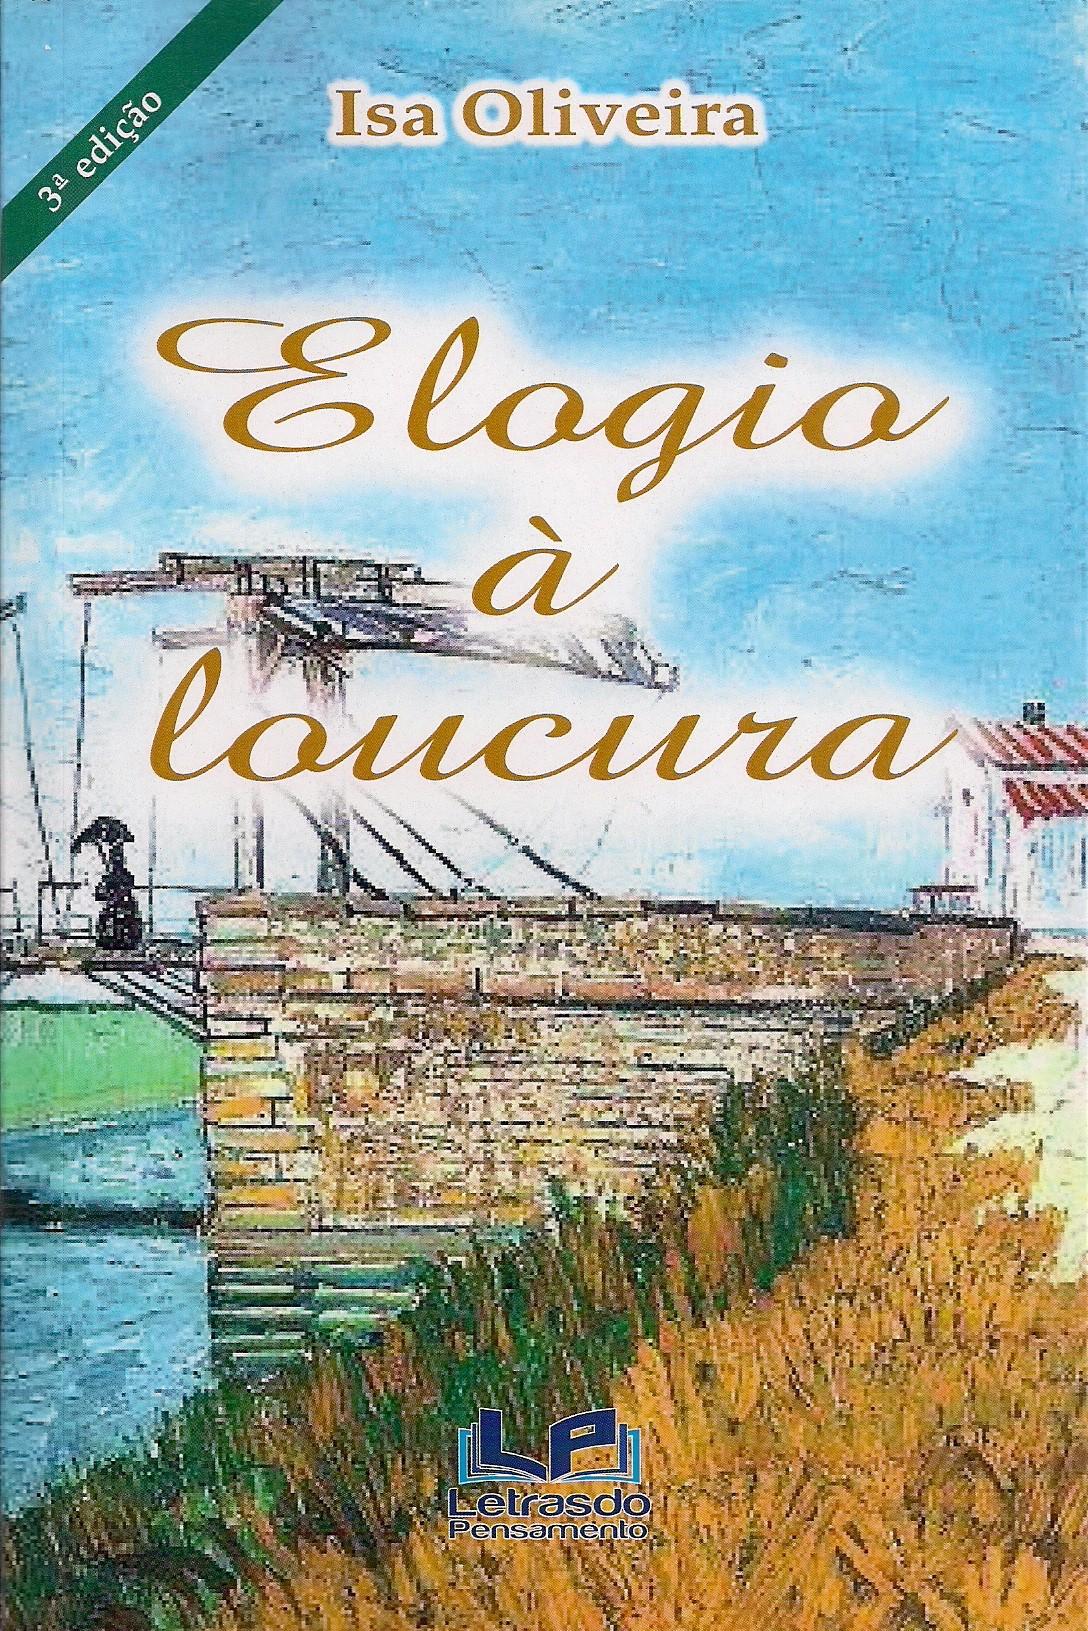 Foto 1 - Elogio à Loucura